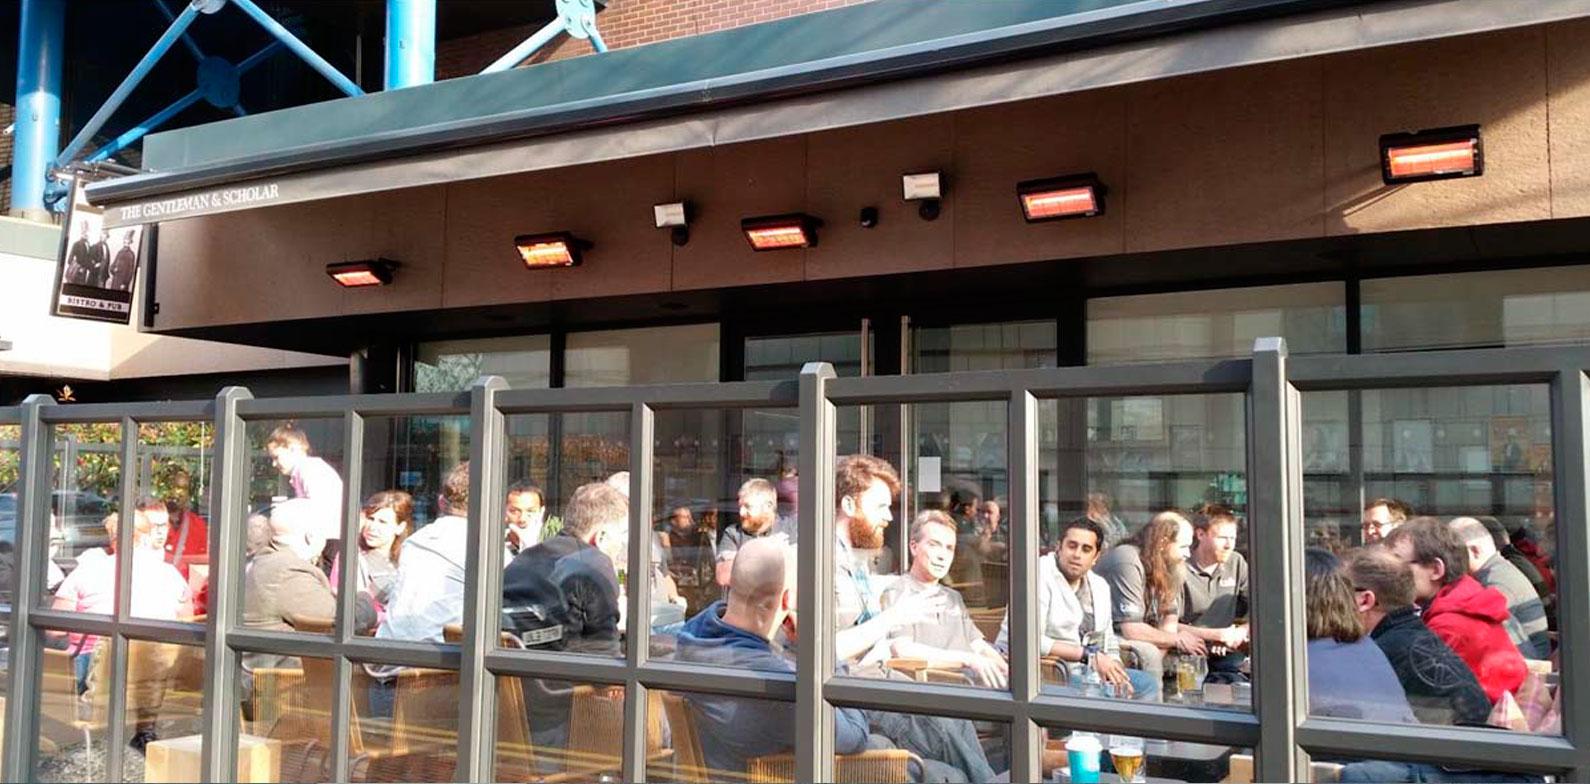 Calefaccion-infrarrojos-onda-corta-exterior-terraza-restaurante